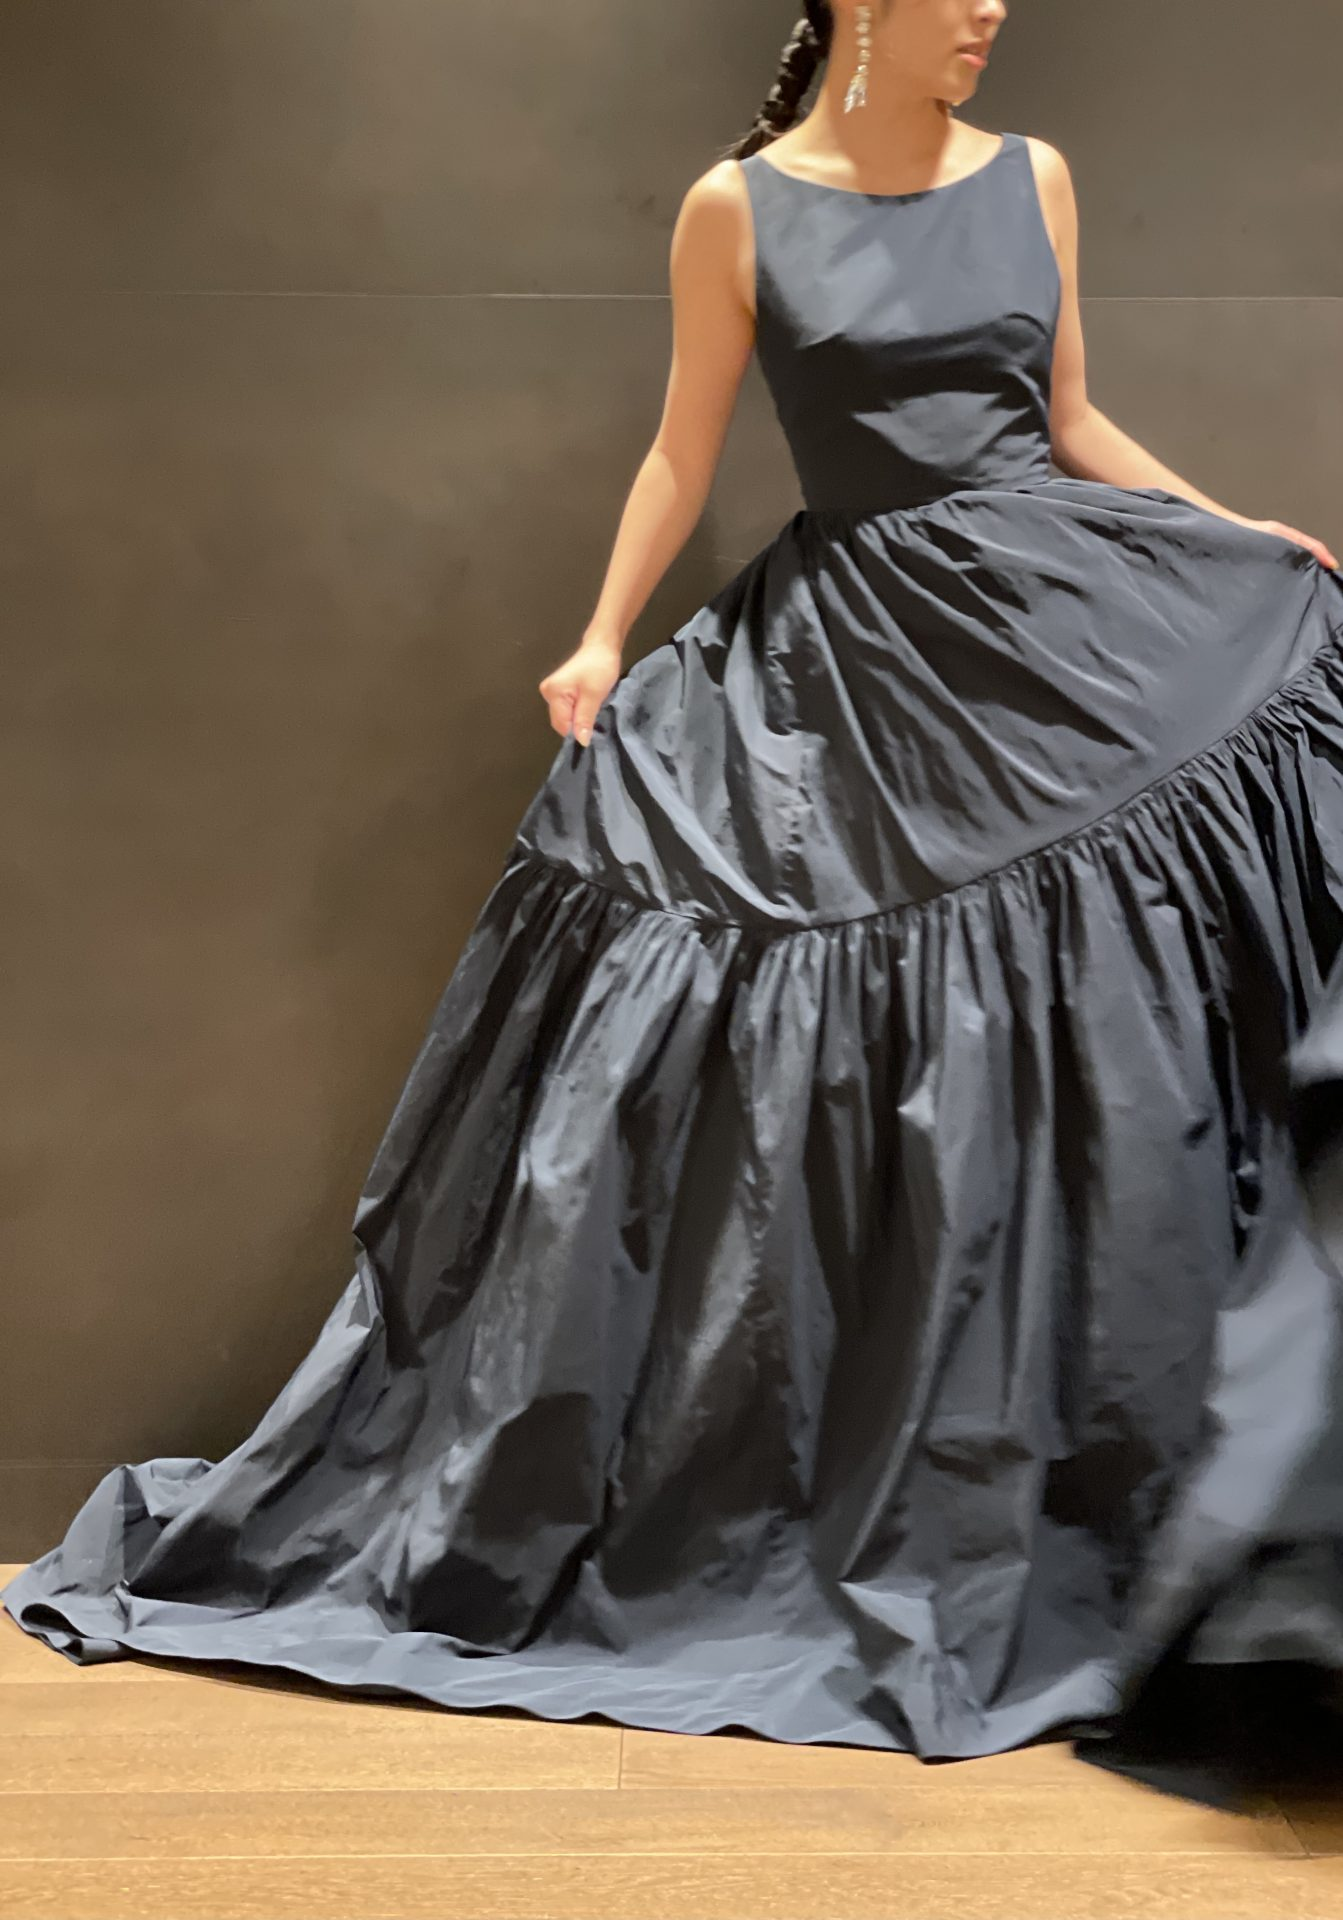 ザ・ガーデンオリエンタル大阪におすすめのシンプルでティアードのデザインが美しいネイビーのカラードレス